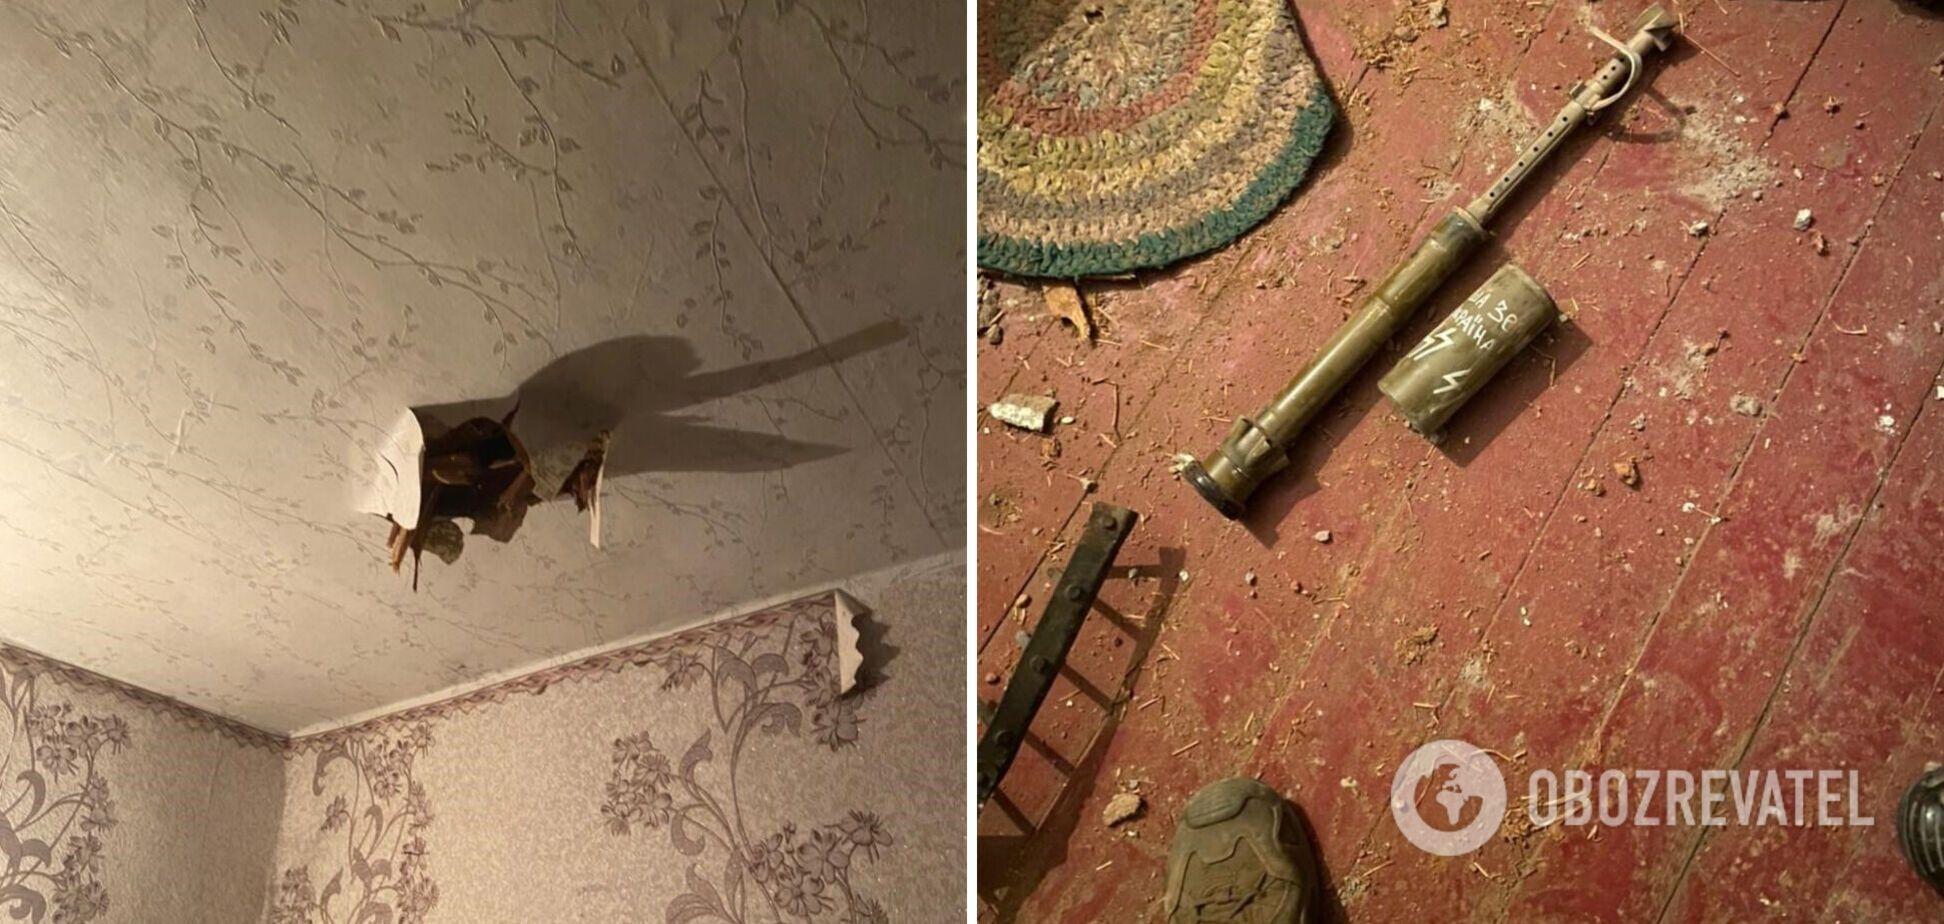 Российские оккупанты на Донбассе забросали жилой сектор минами с нацистской символикой. Фото